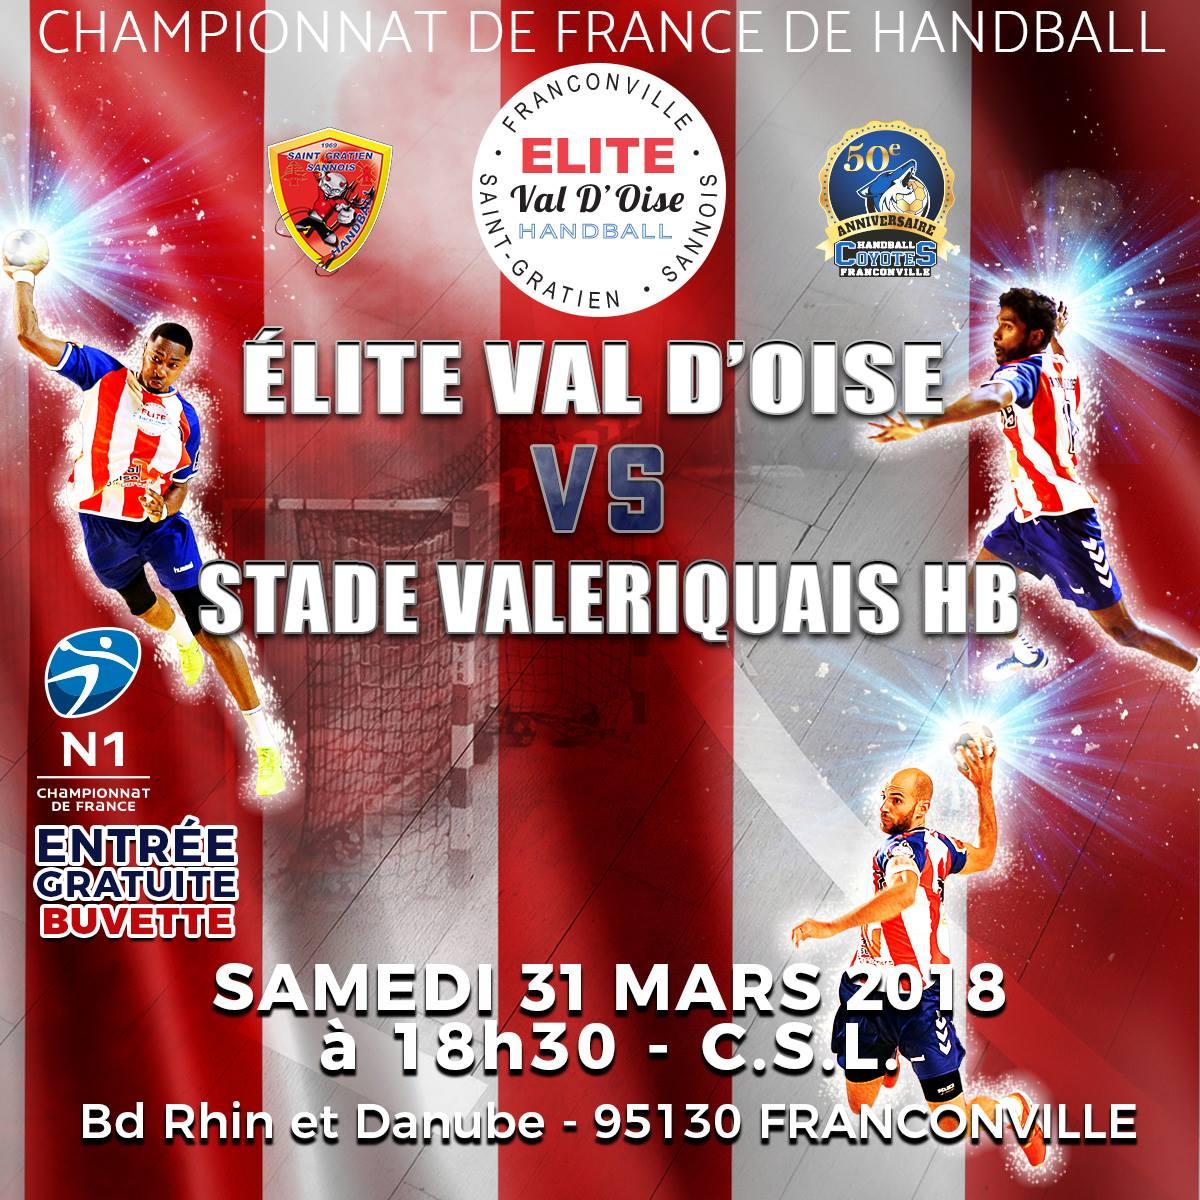 Elite val d'Osie Handball - Stade Valeriquais